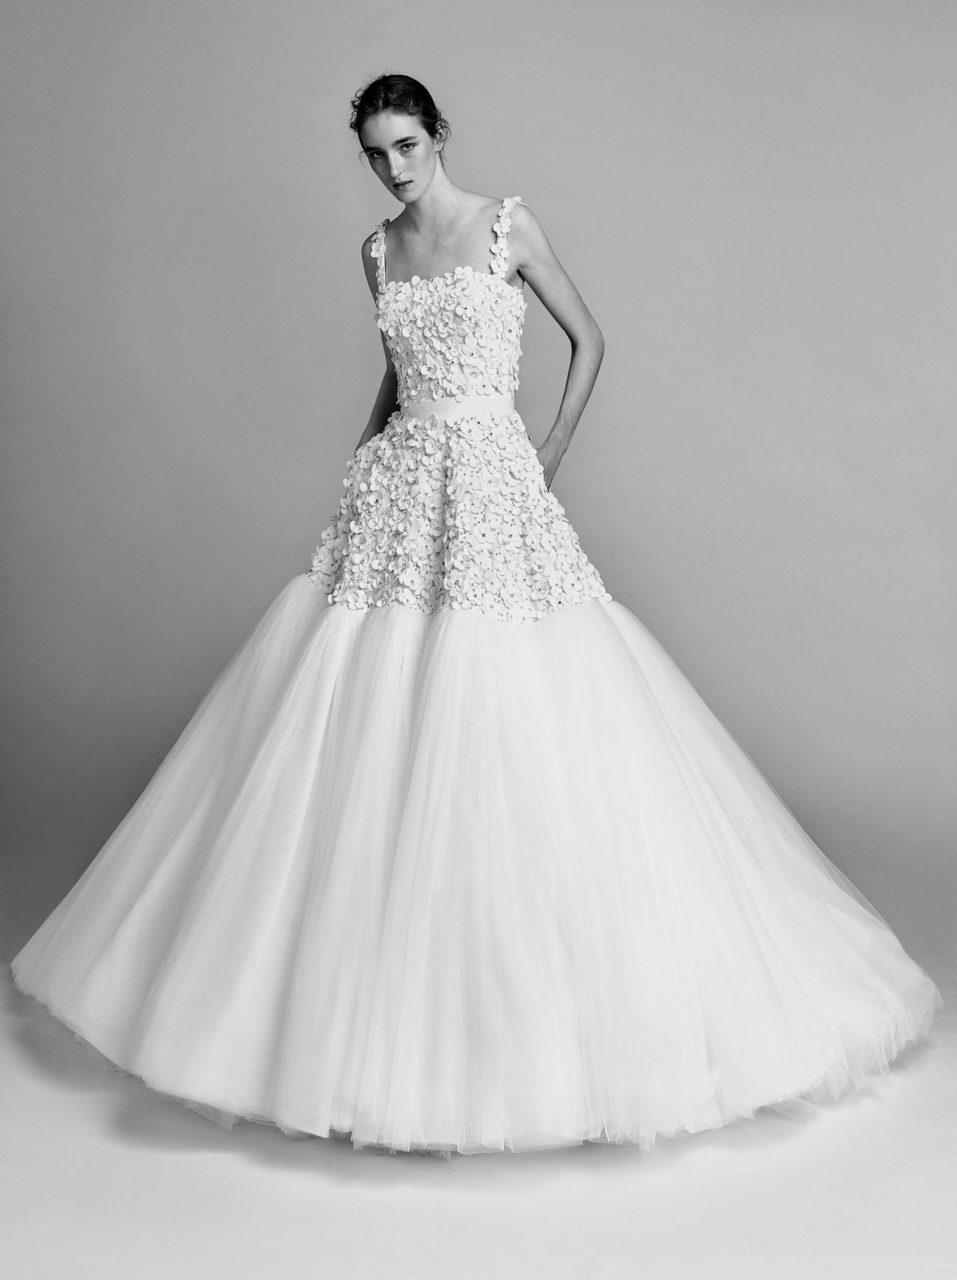 f3d92ba05ad09 The Surreal, Striking Viktor & Rolf Bridal Collection | weddingsonline